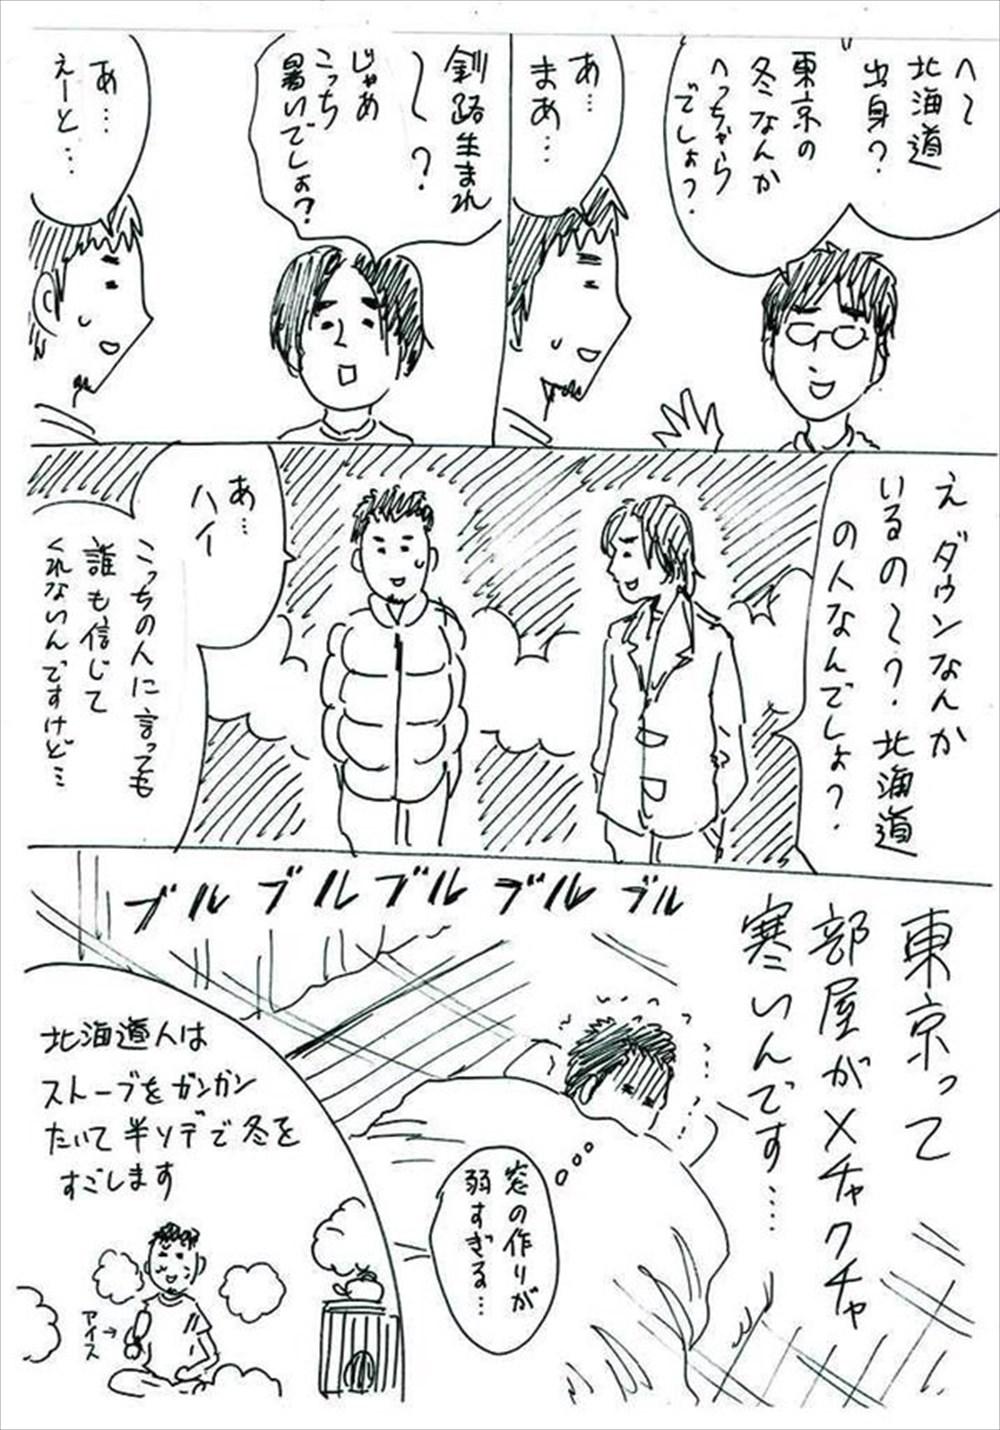 北海道人が寒さに弱い